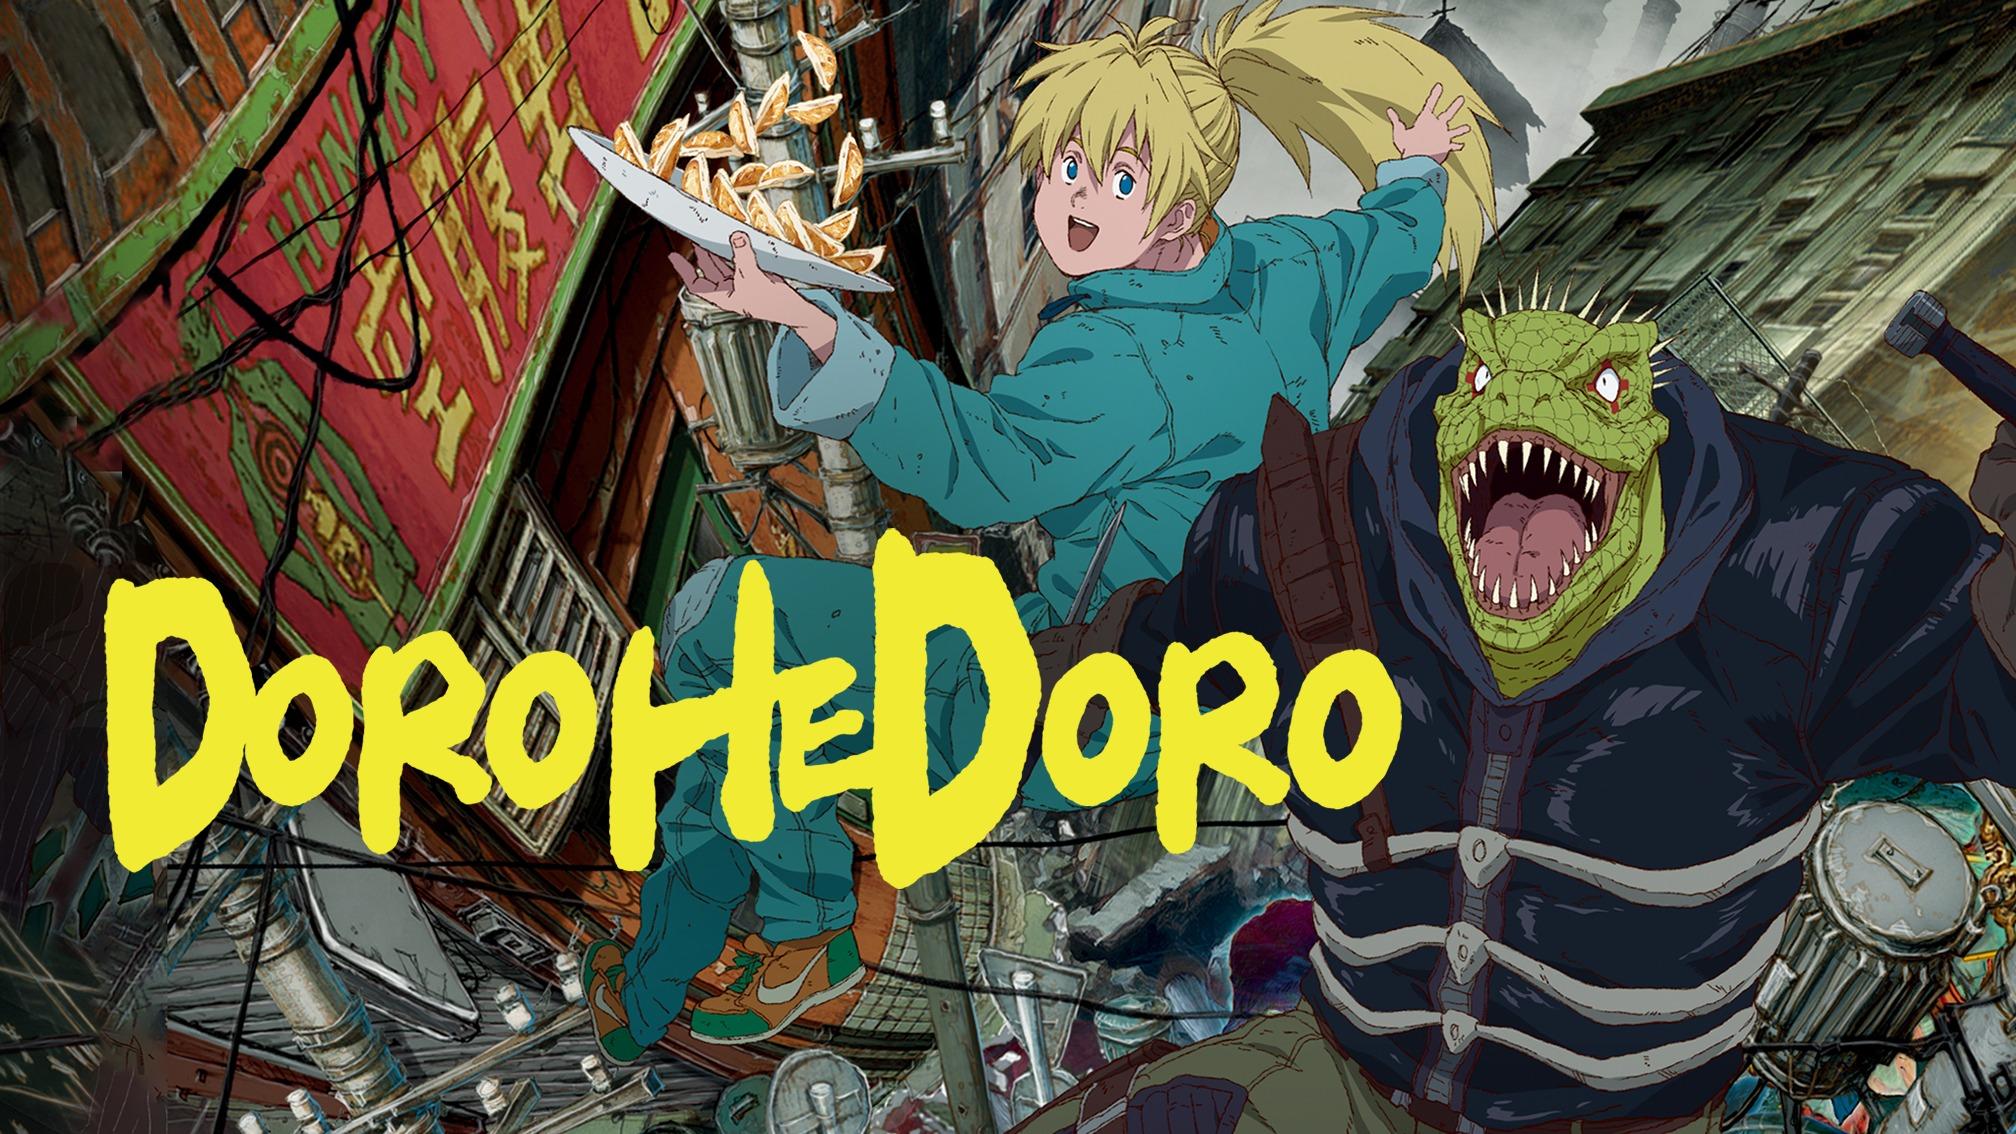 DOROH- DORO